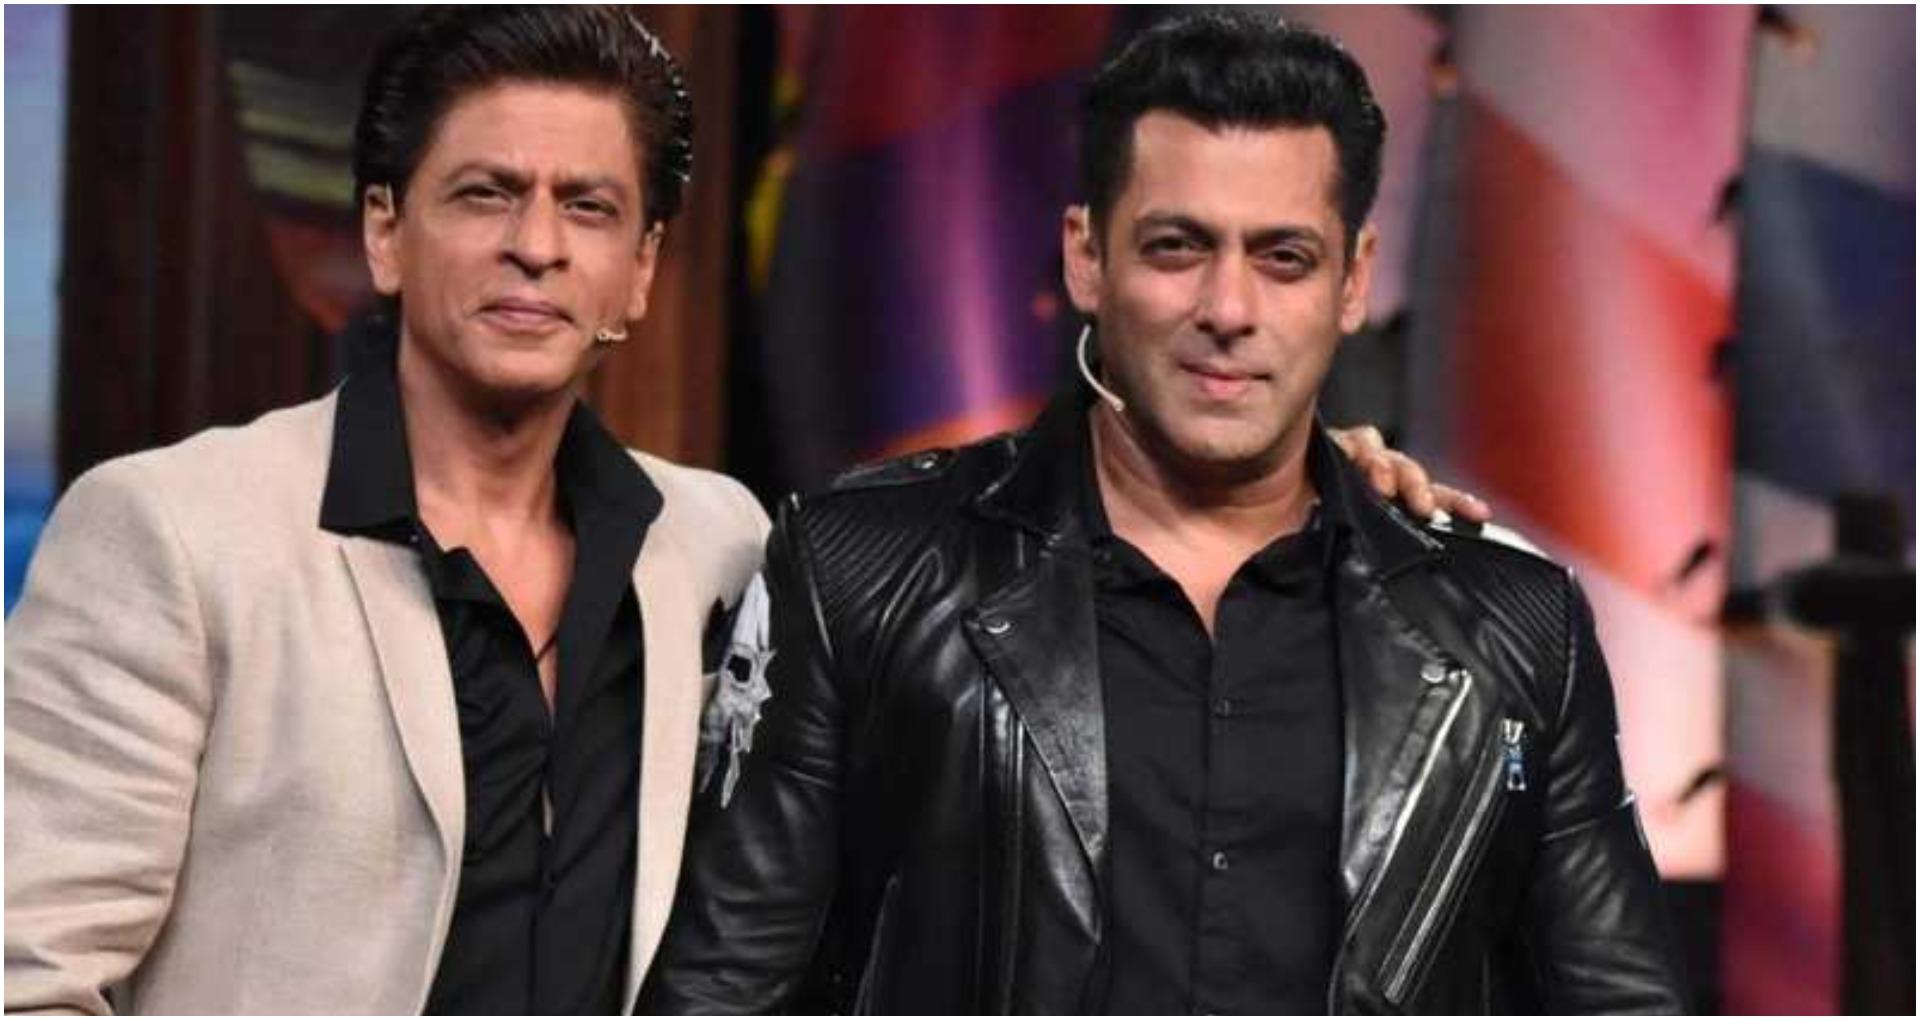 सलमान खान और शाहरुख खान एक साथ आयेंगे इस फिल्म में नज़र, निखिल द्विवेदी ने की इस बात की पुष्टि